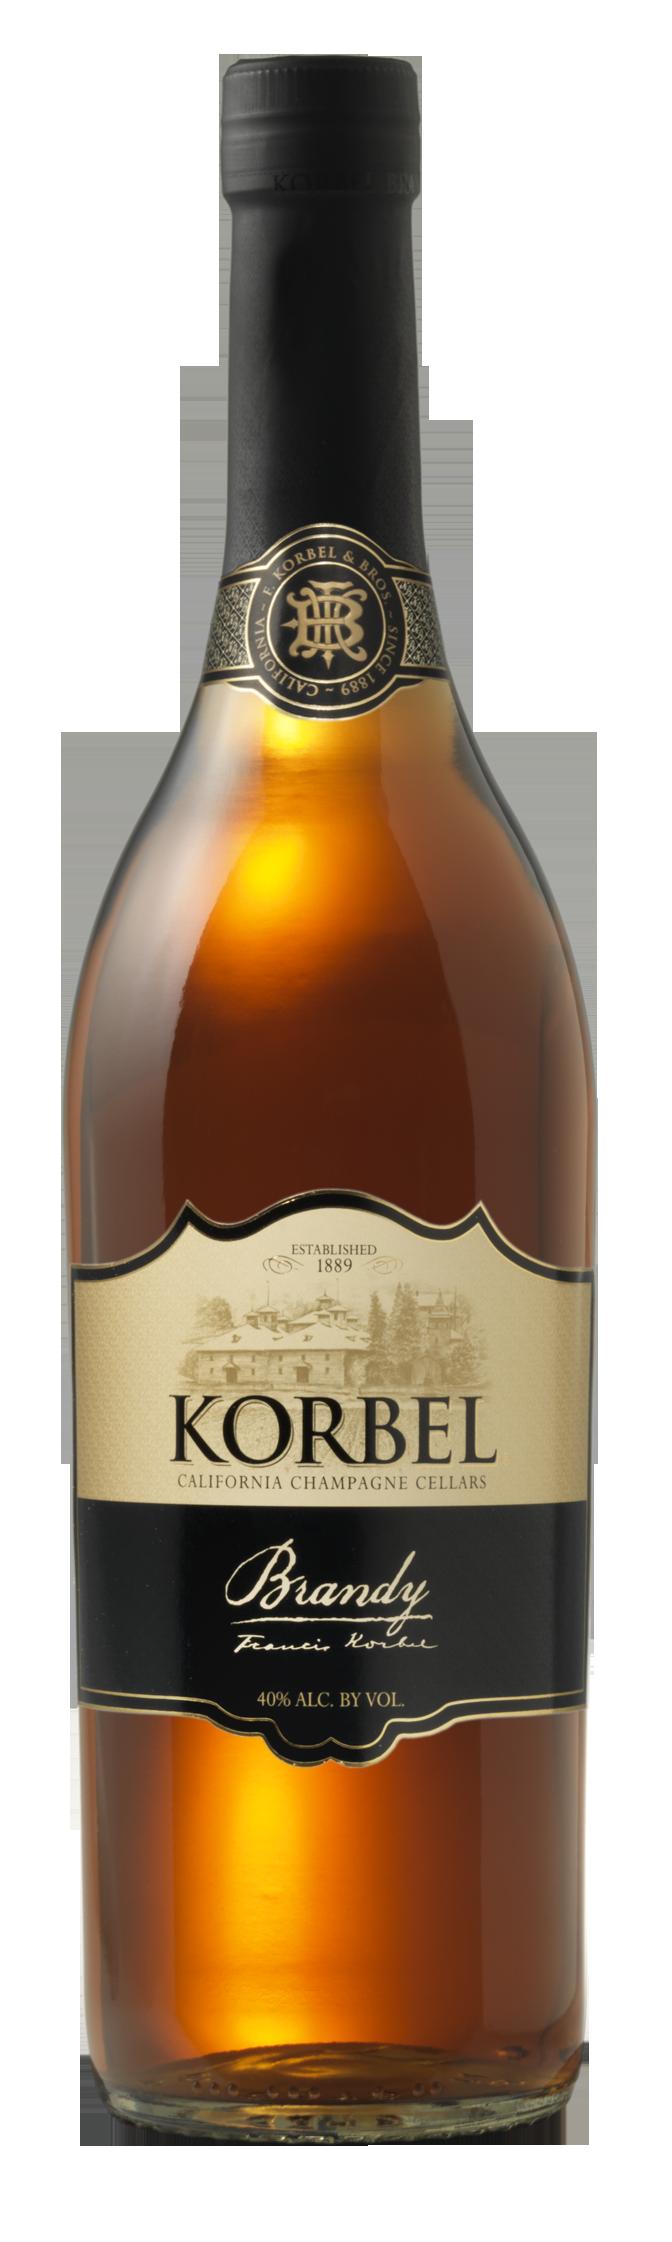 KOrbel Bottle PNG Image